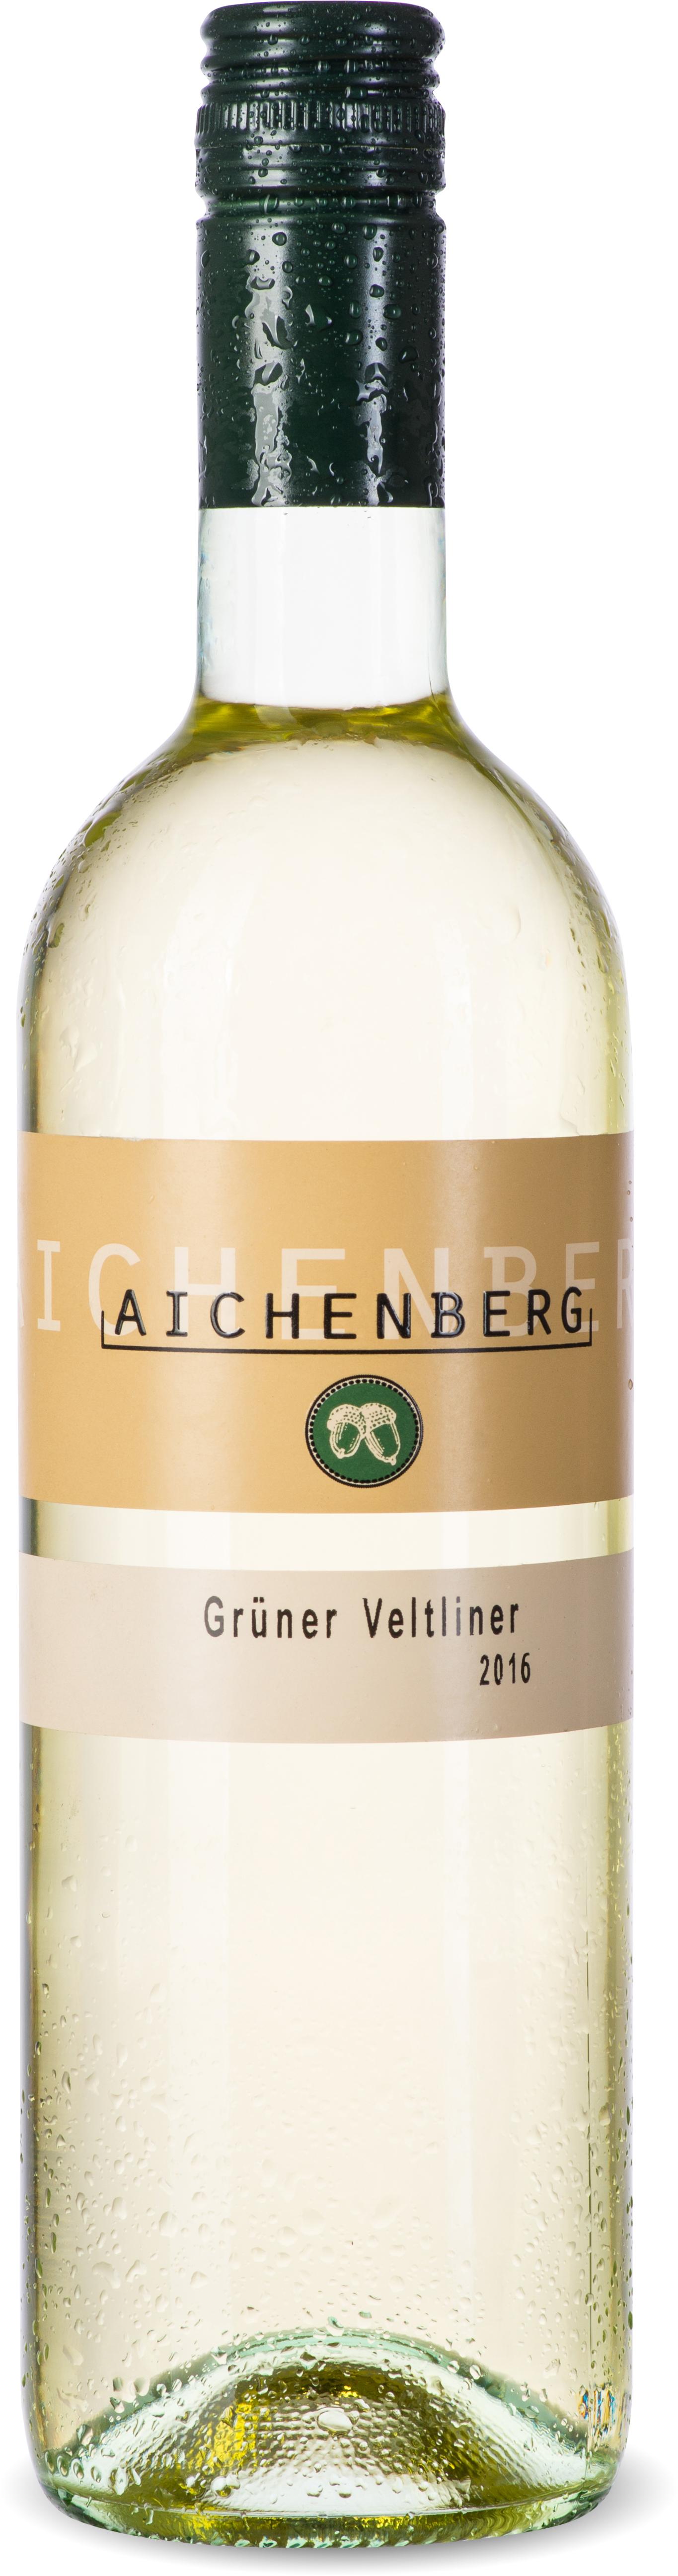 Aichenberg Grüner Veltliner Classic